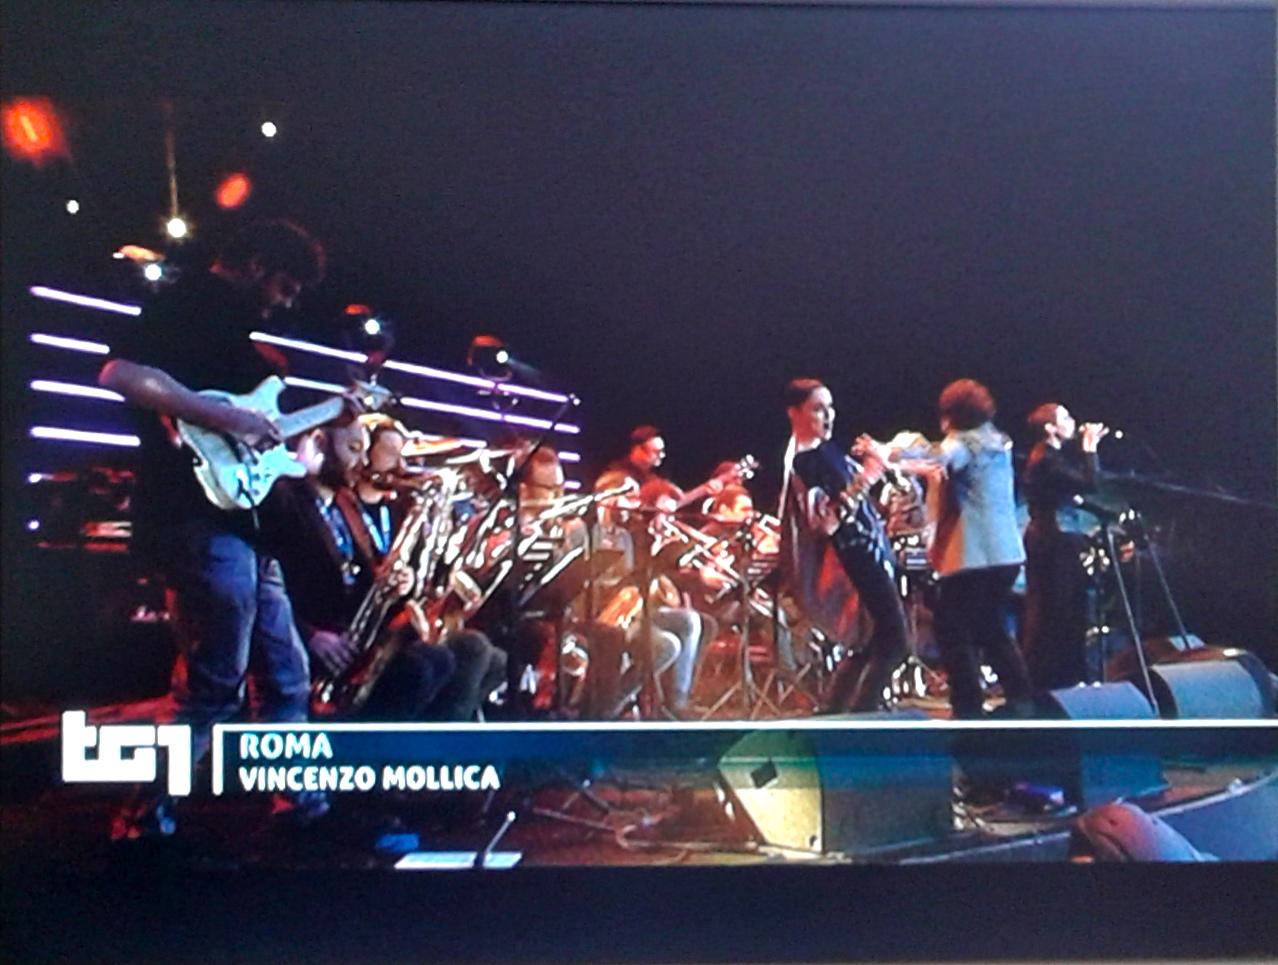 Il 21 Giugno, Jando Music presenta a Radio Tre Suite, nella Stanza Della Musica, l'Orchestra Operaia per la Festa della Musica.